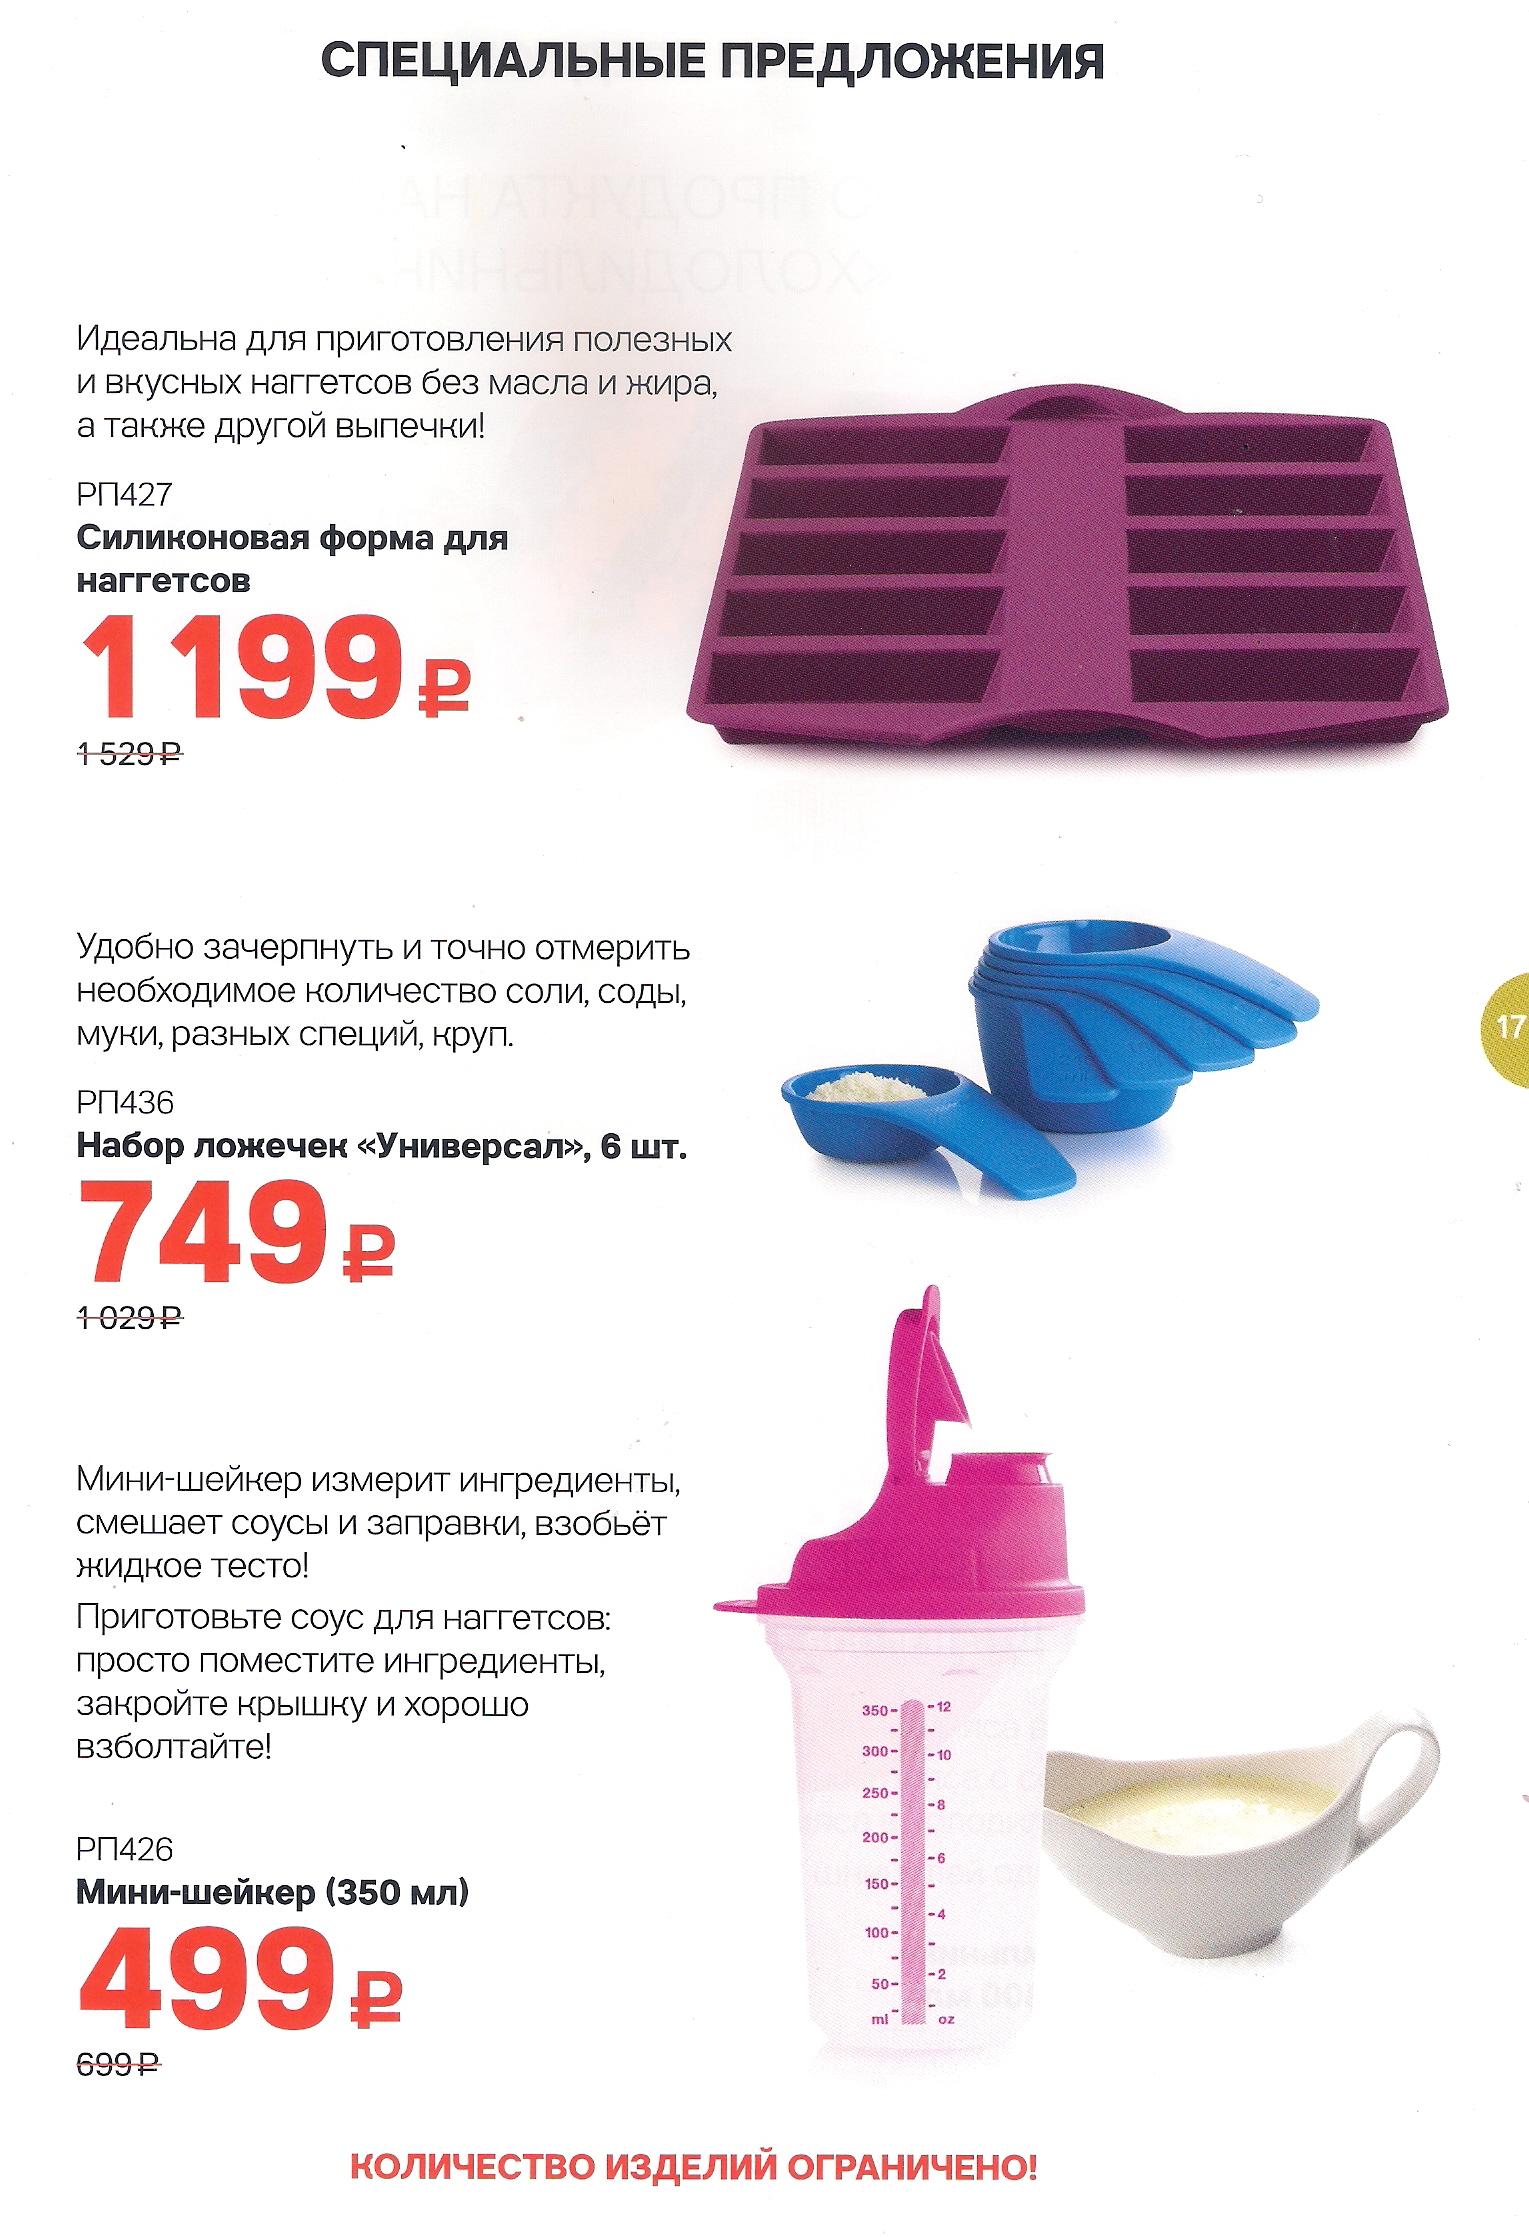 https://tupperware-online.ru/images/upload/15p.jpg